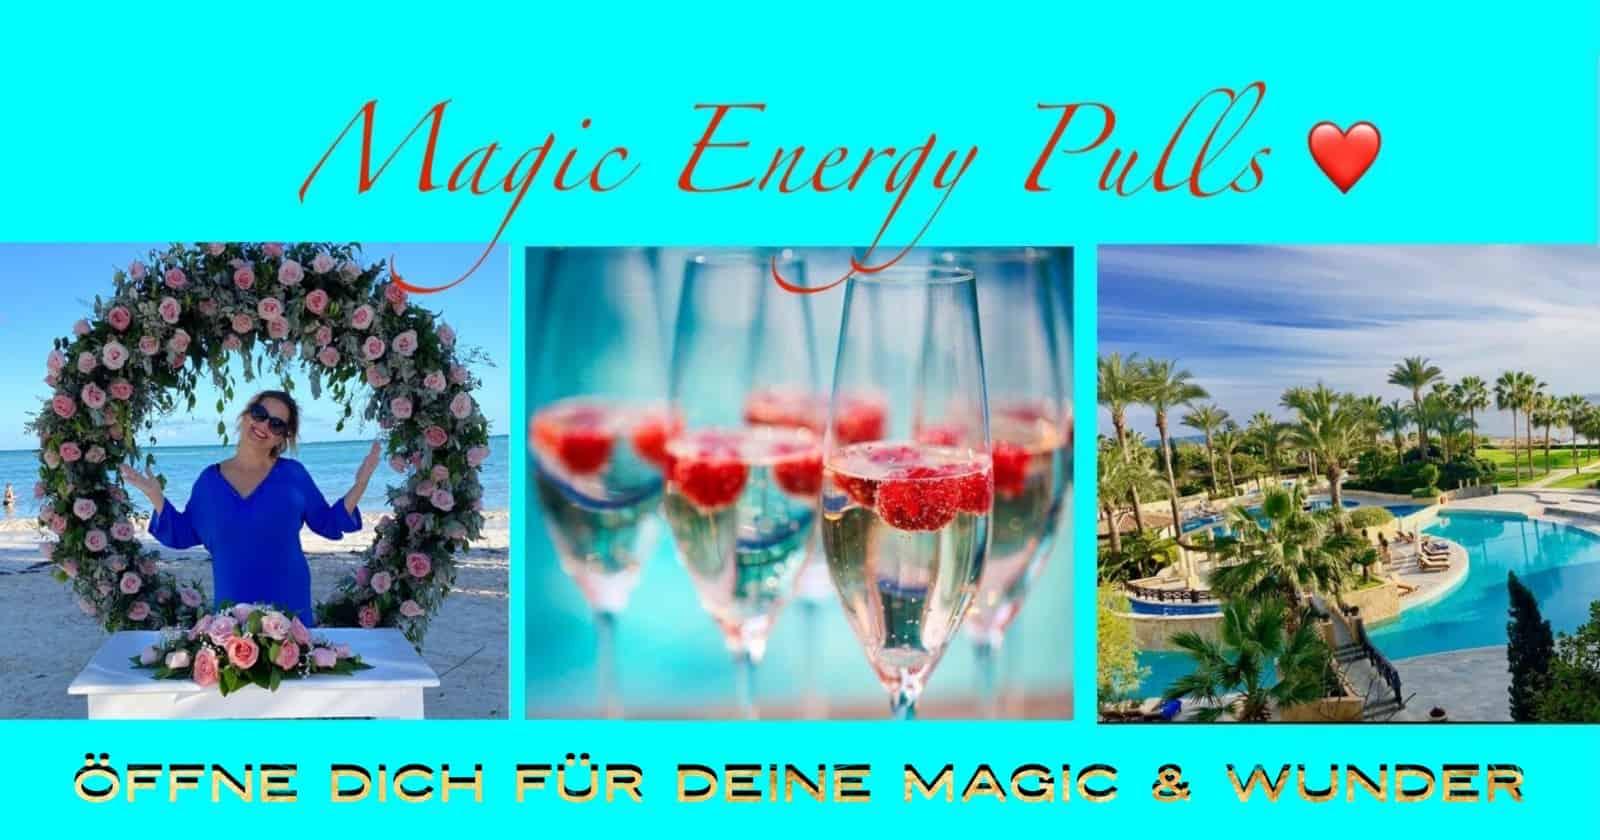 Magic Energy Pulls für unendlich viel Magic und Wunder in deinem Leben!